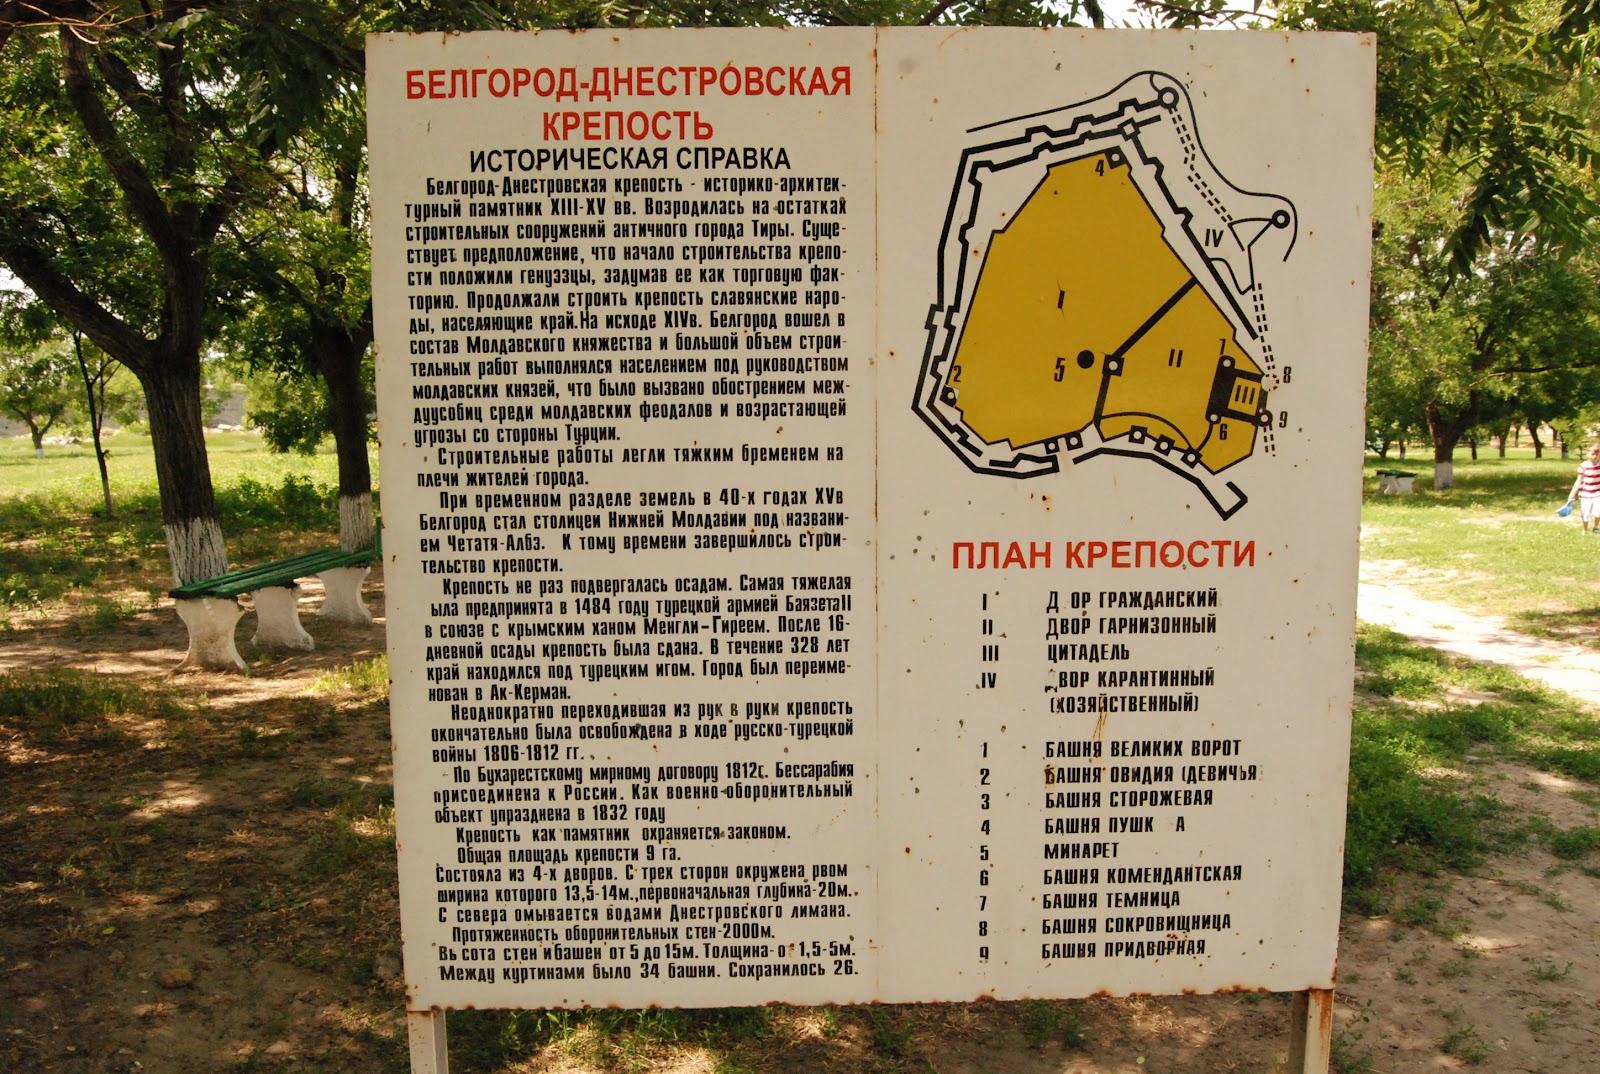 Вход в белгород-днестровскую крепость, фото 501611